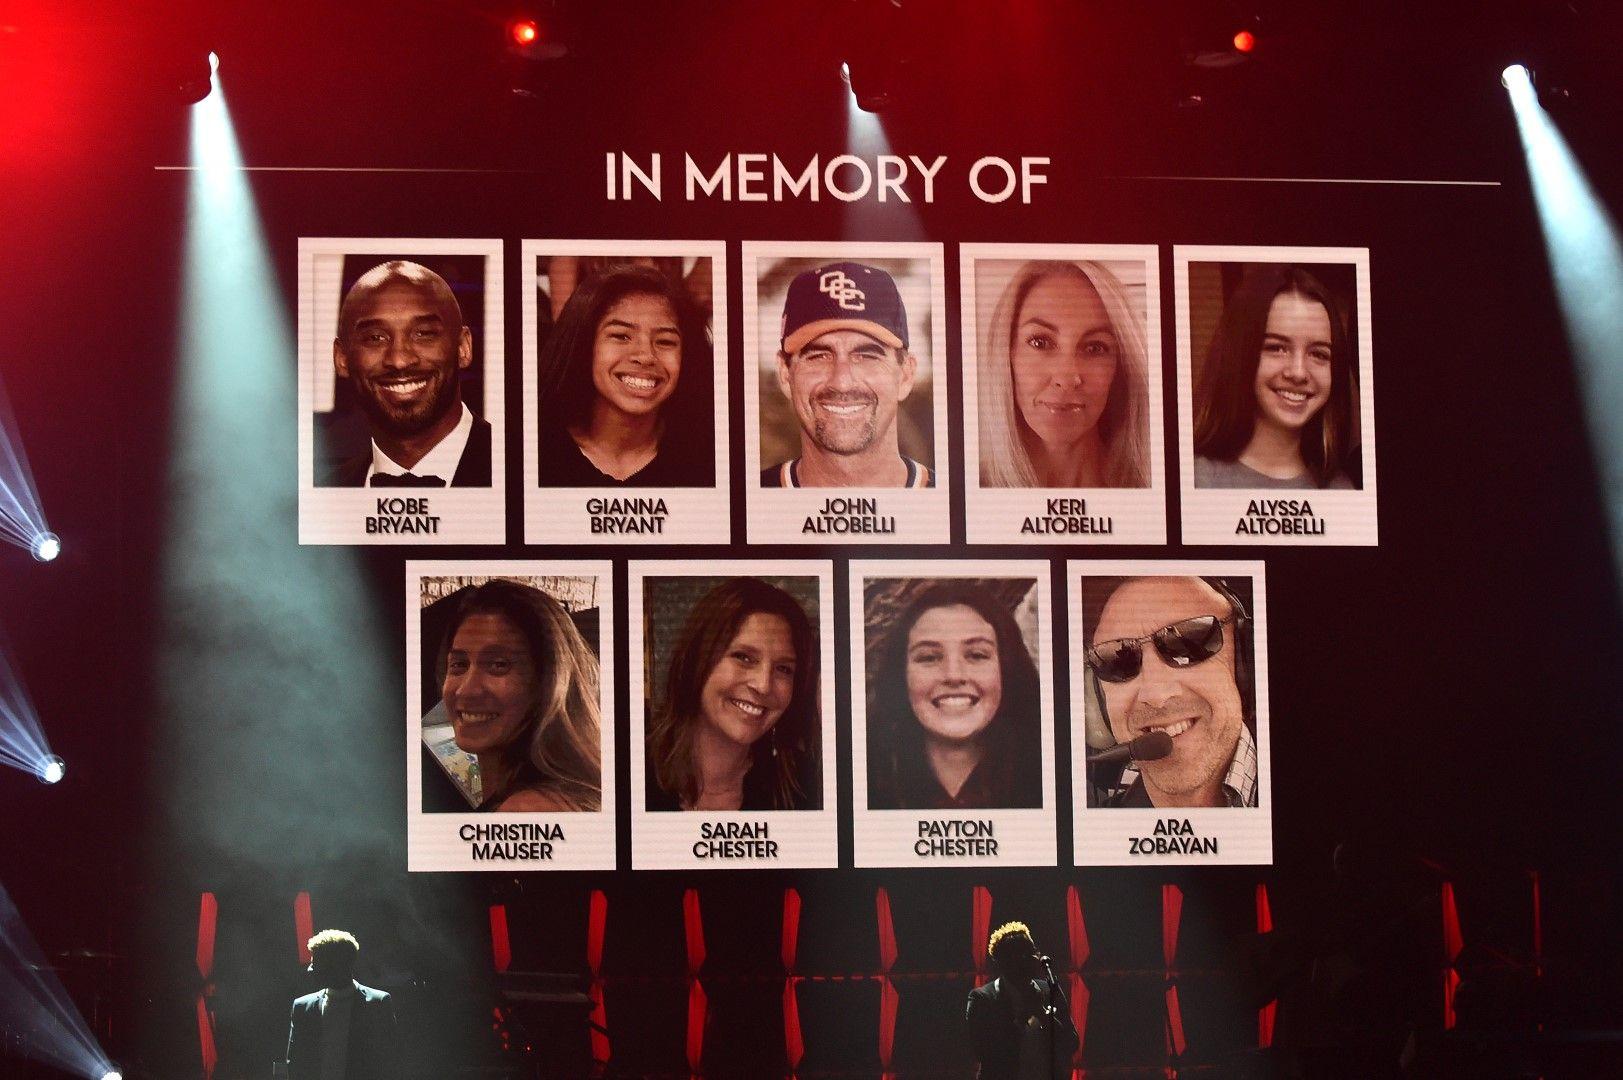 Почит към загиналите в трагедията от Калифорния миналата неделя съпроводи всички събития и партита в седмицата на Супербоул в Маями